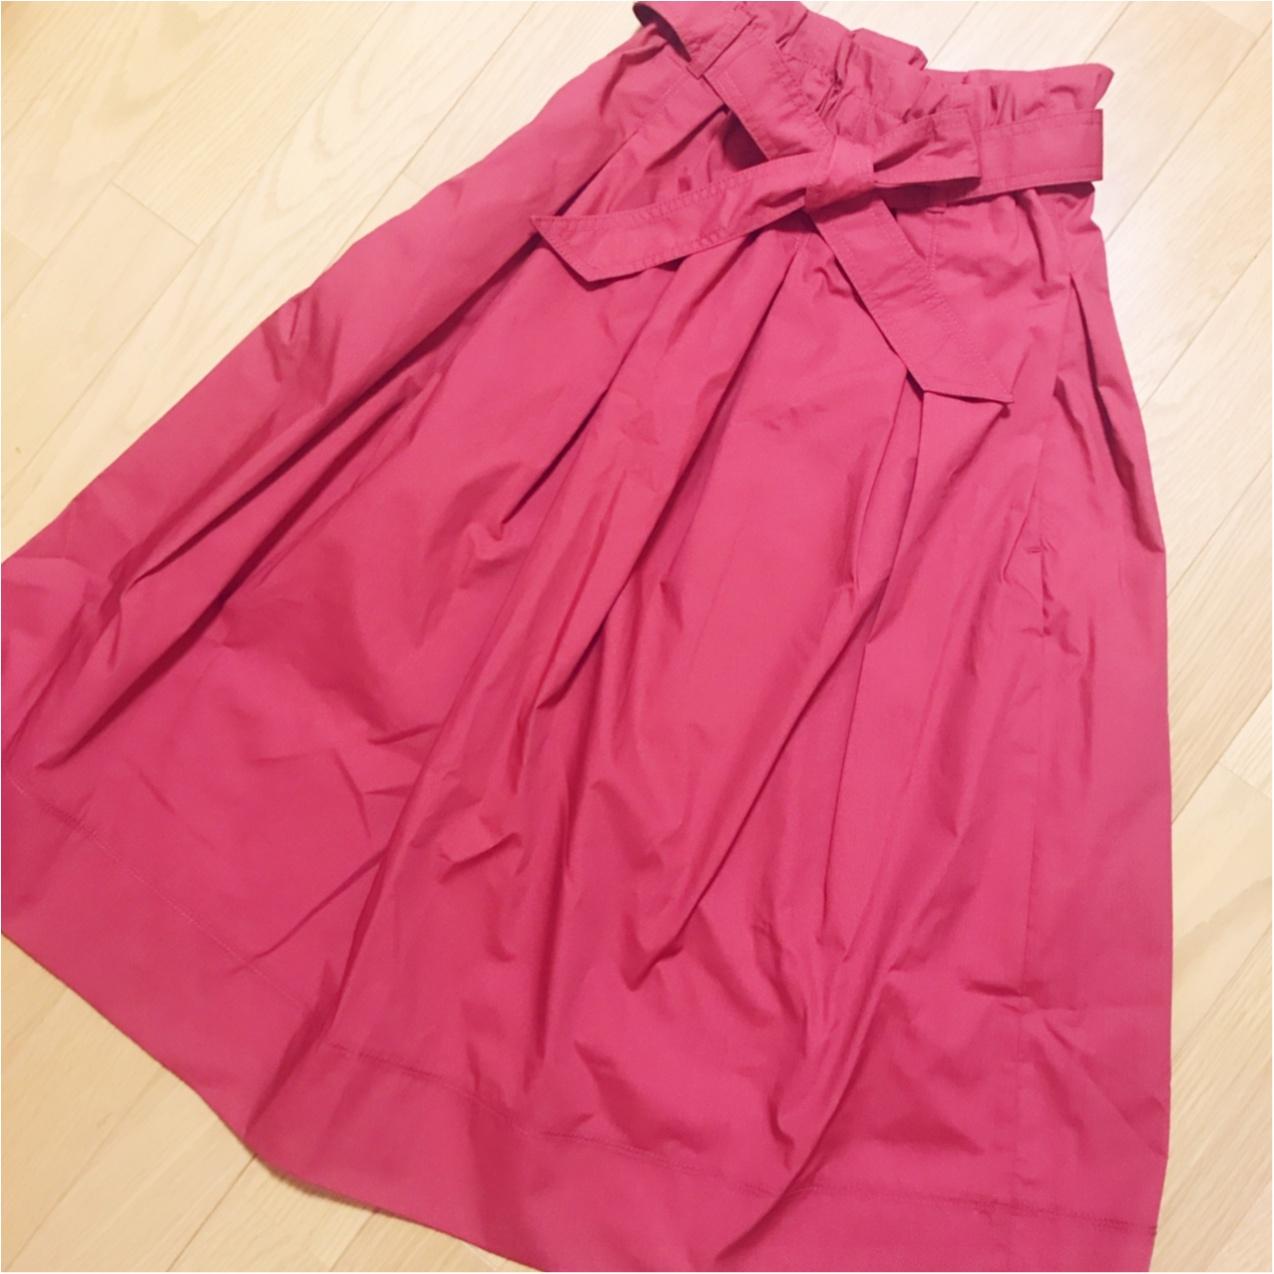 履くだけで大人可愛い♡【ユニクロ】のミディスカートが使えるっ!_1